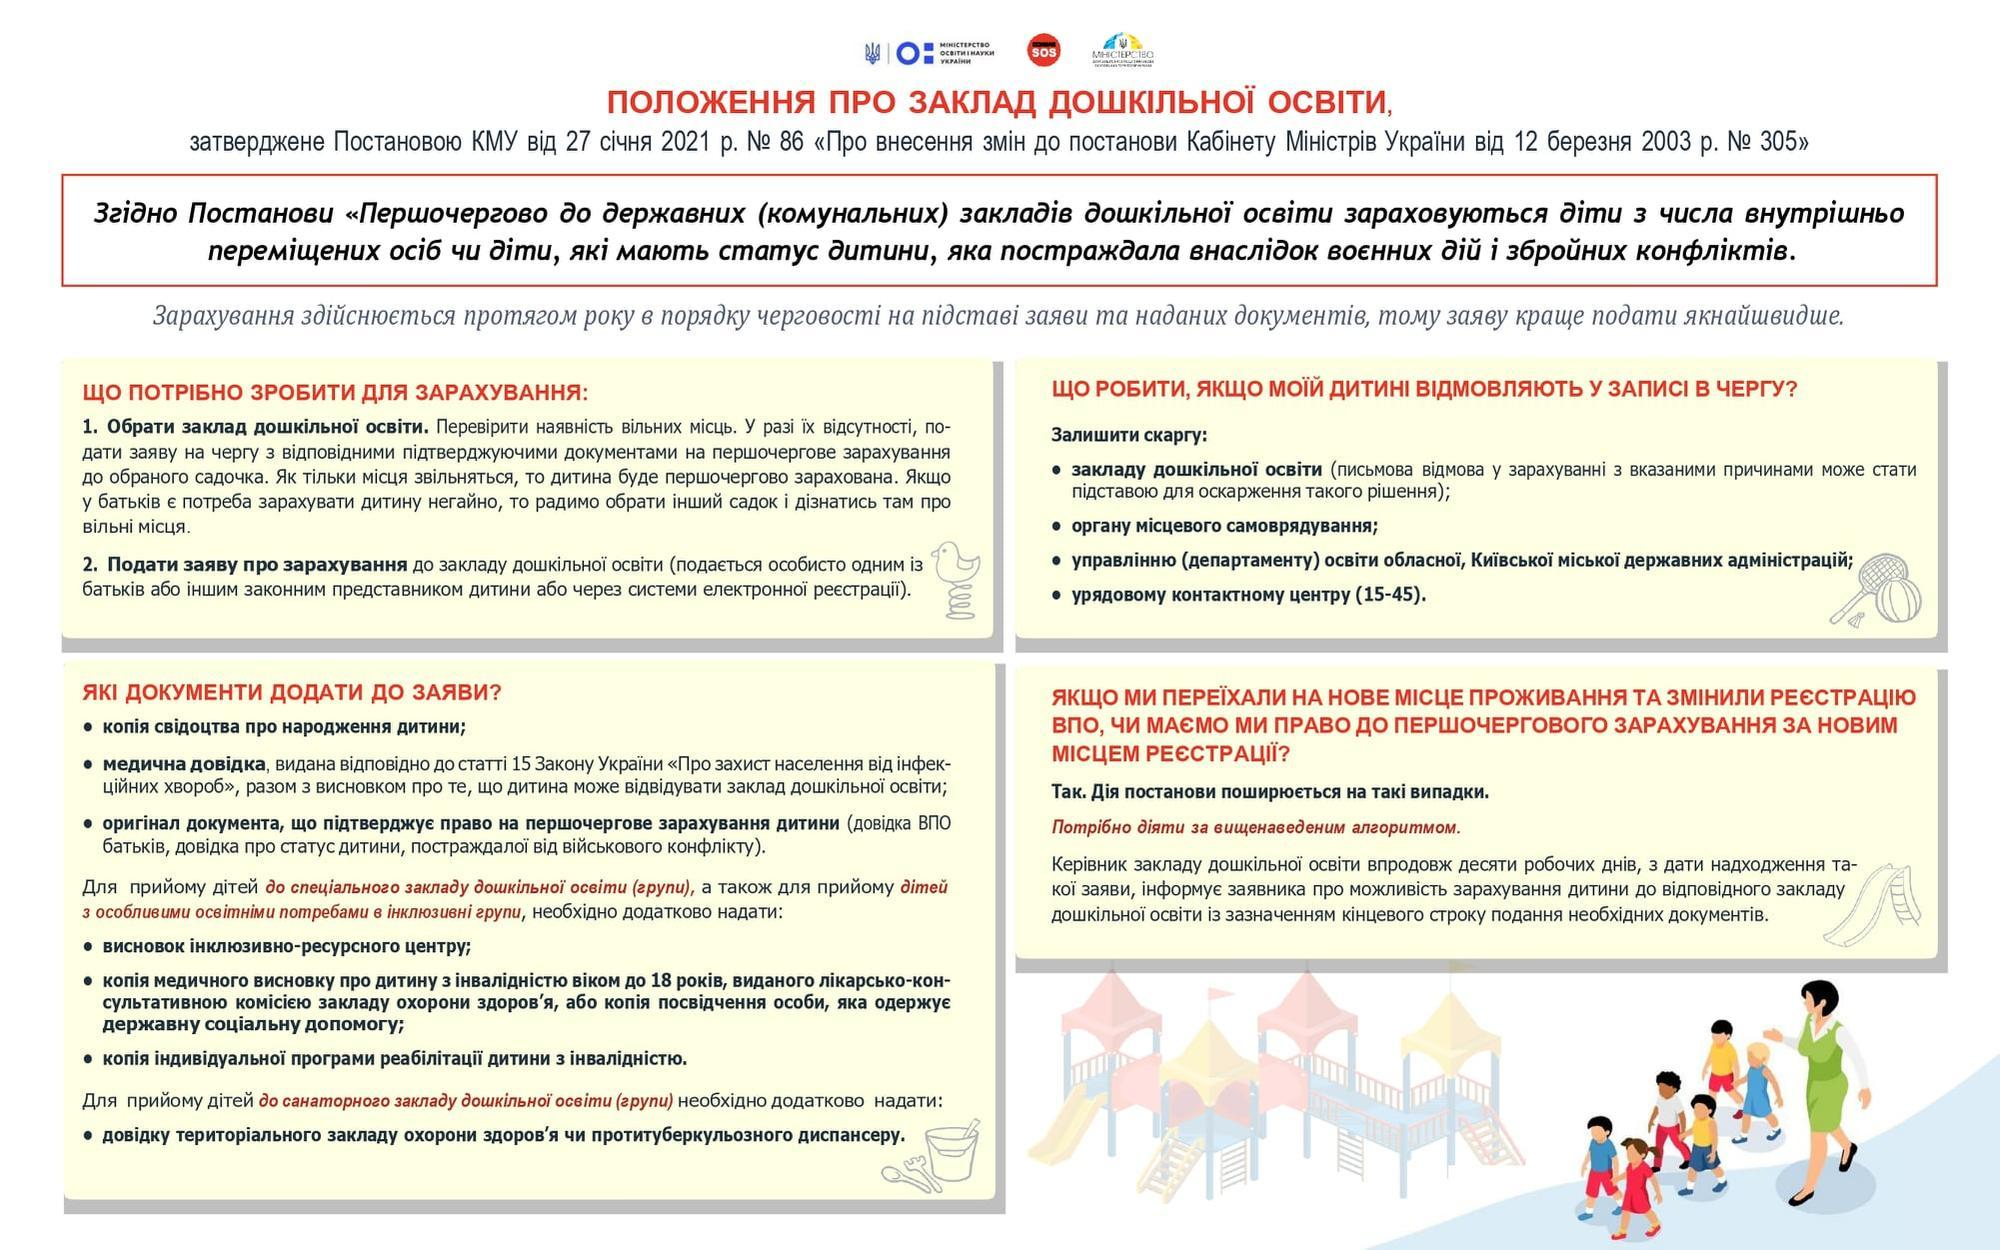 Инструкция как без очереди записать ребенка-переселенца или ребенка, пострадавшего от военного конфликта на Донбасе, в детский сад